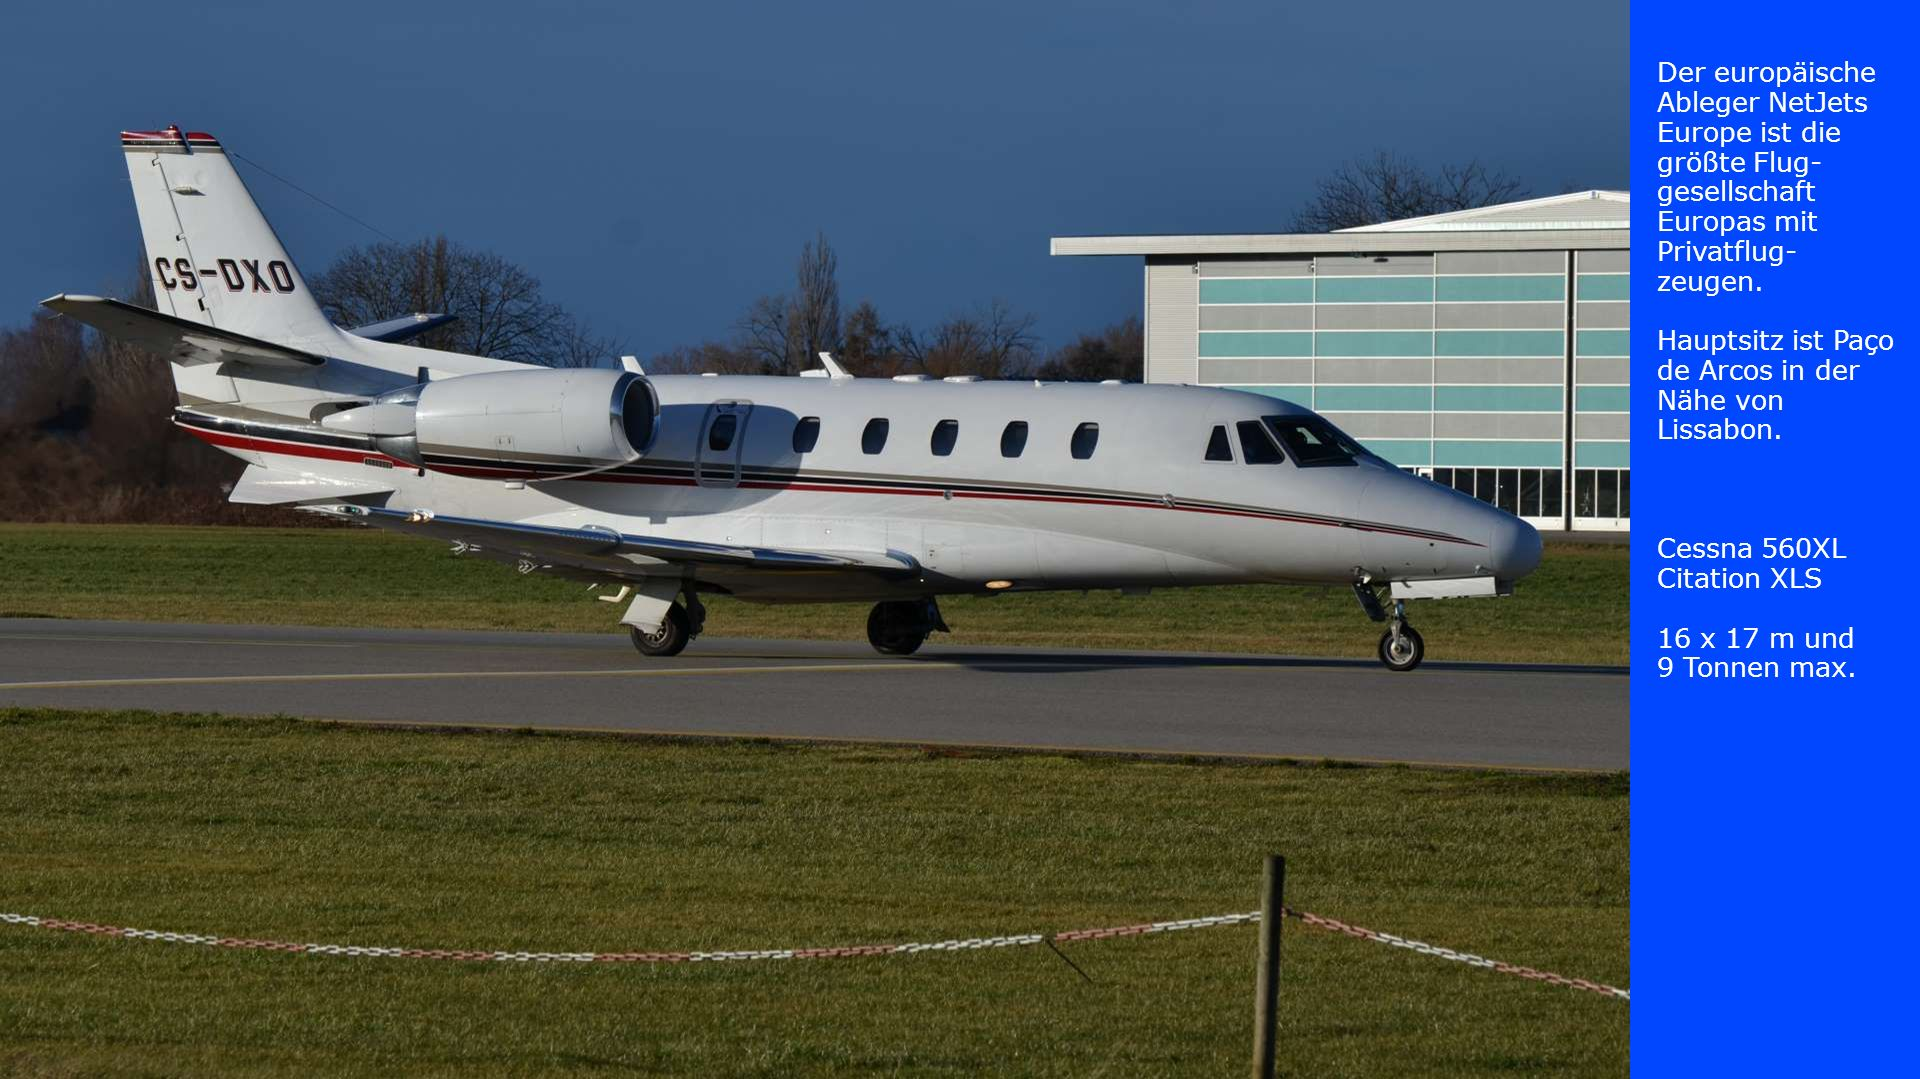 Der europäische Ableger NetJets Europe ist die größte Flug-gesellschaft Europas mit Privatflug-zeugen.